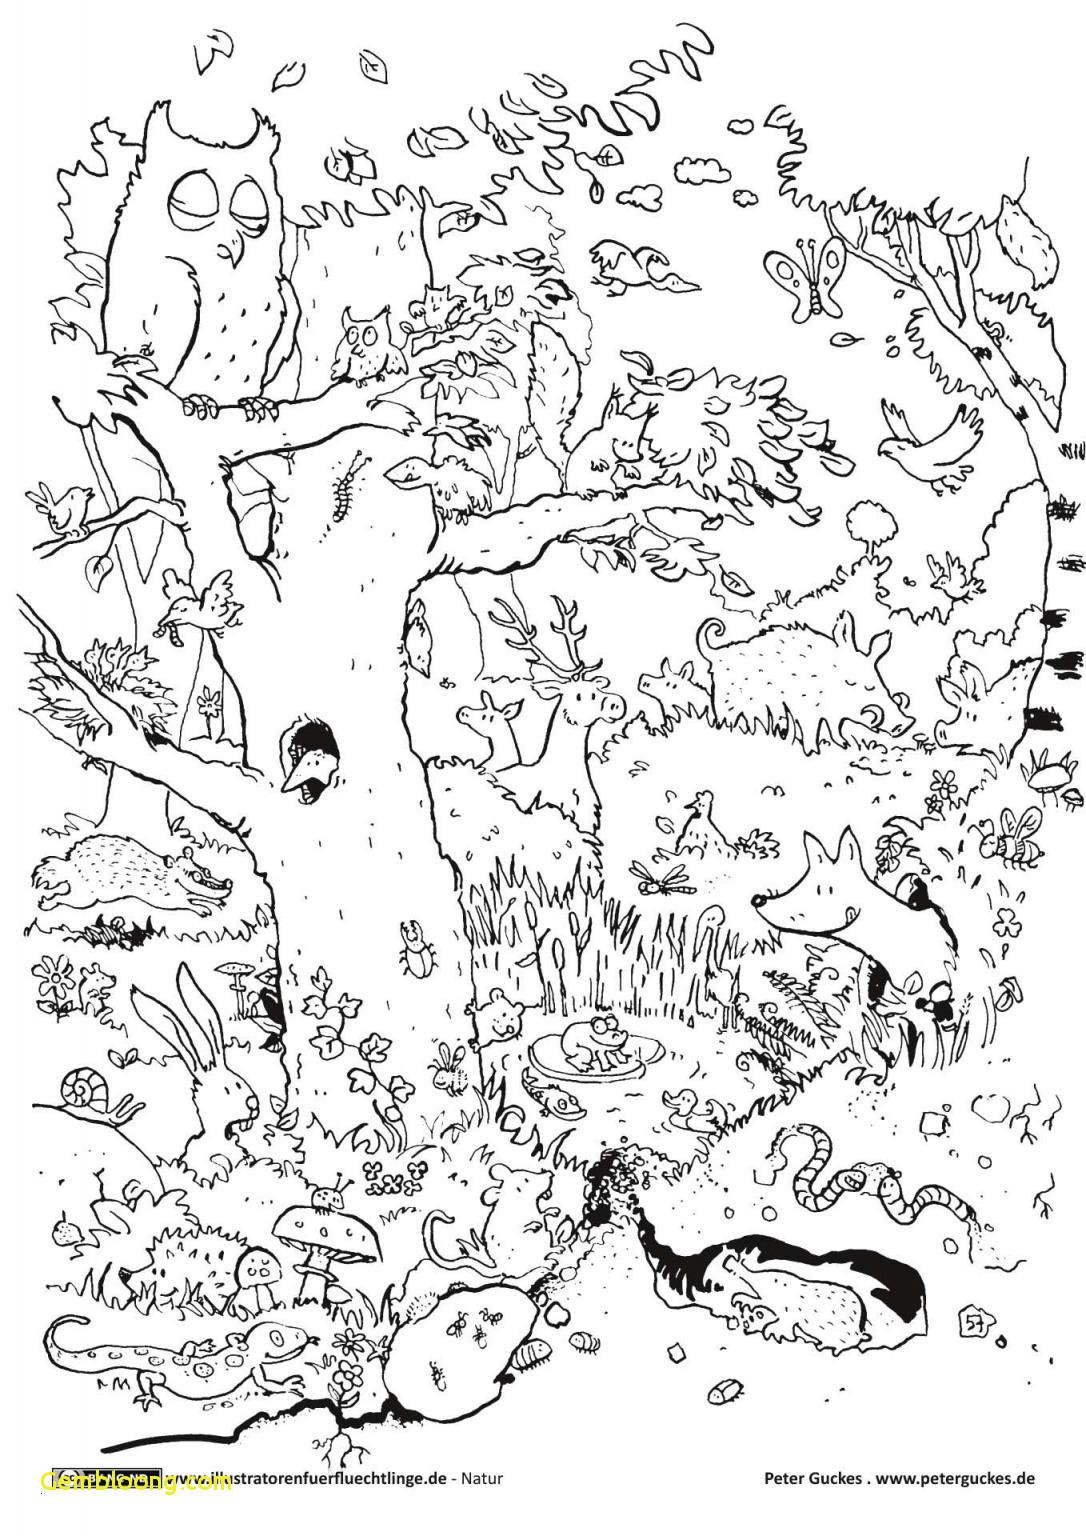 Ausmalbilder Einhorn Kostenlos Einzigartig 45 Neu Ausmalbilder Einhorn Truthbetold Ics Das Bild